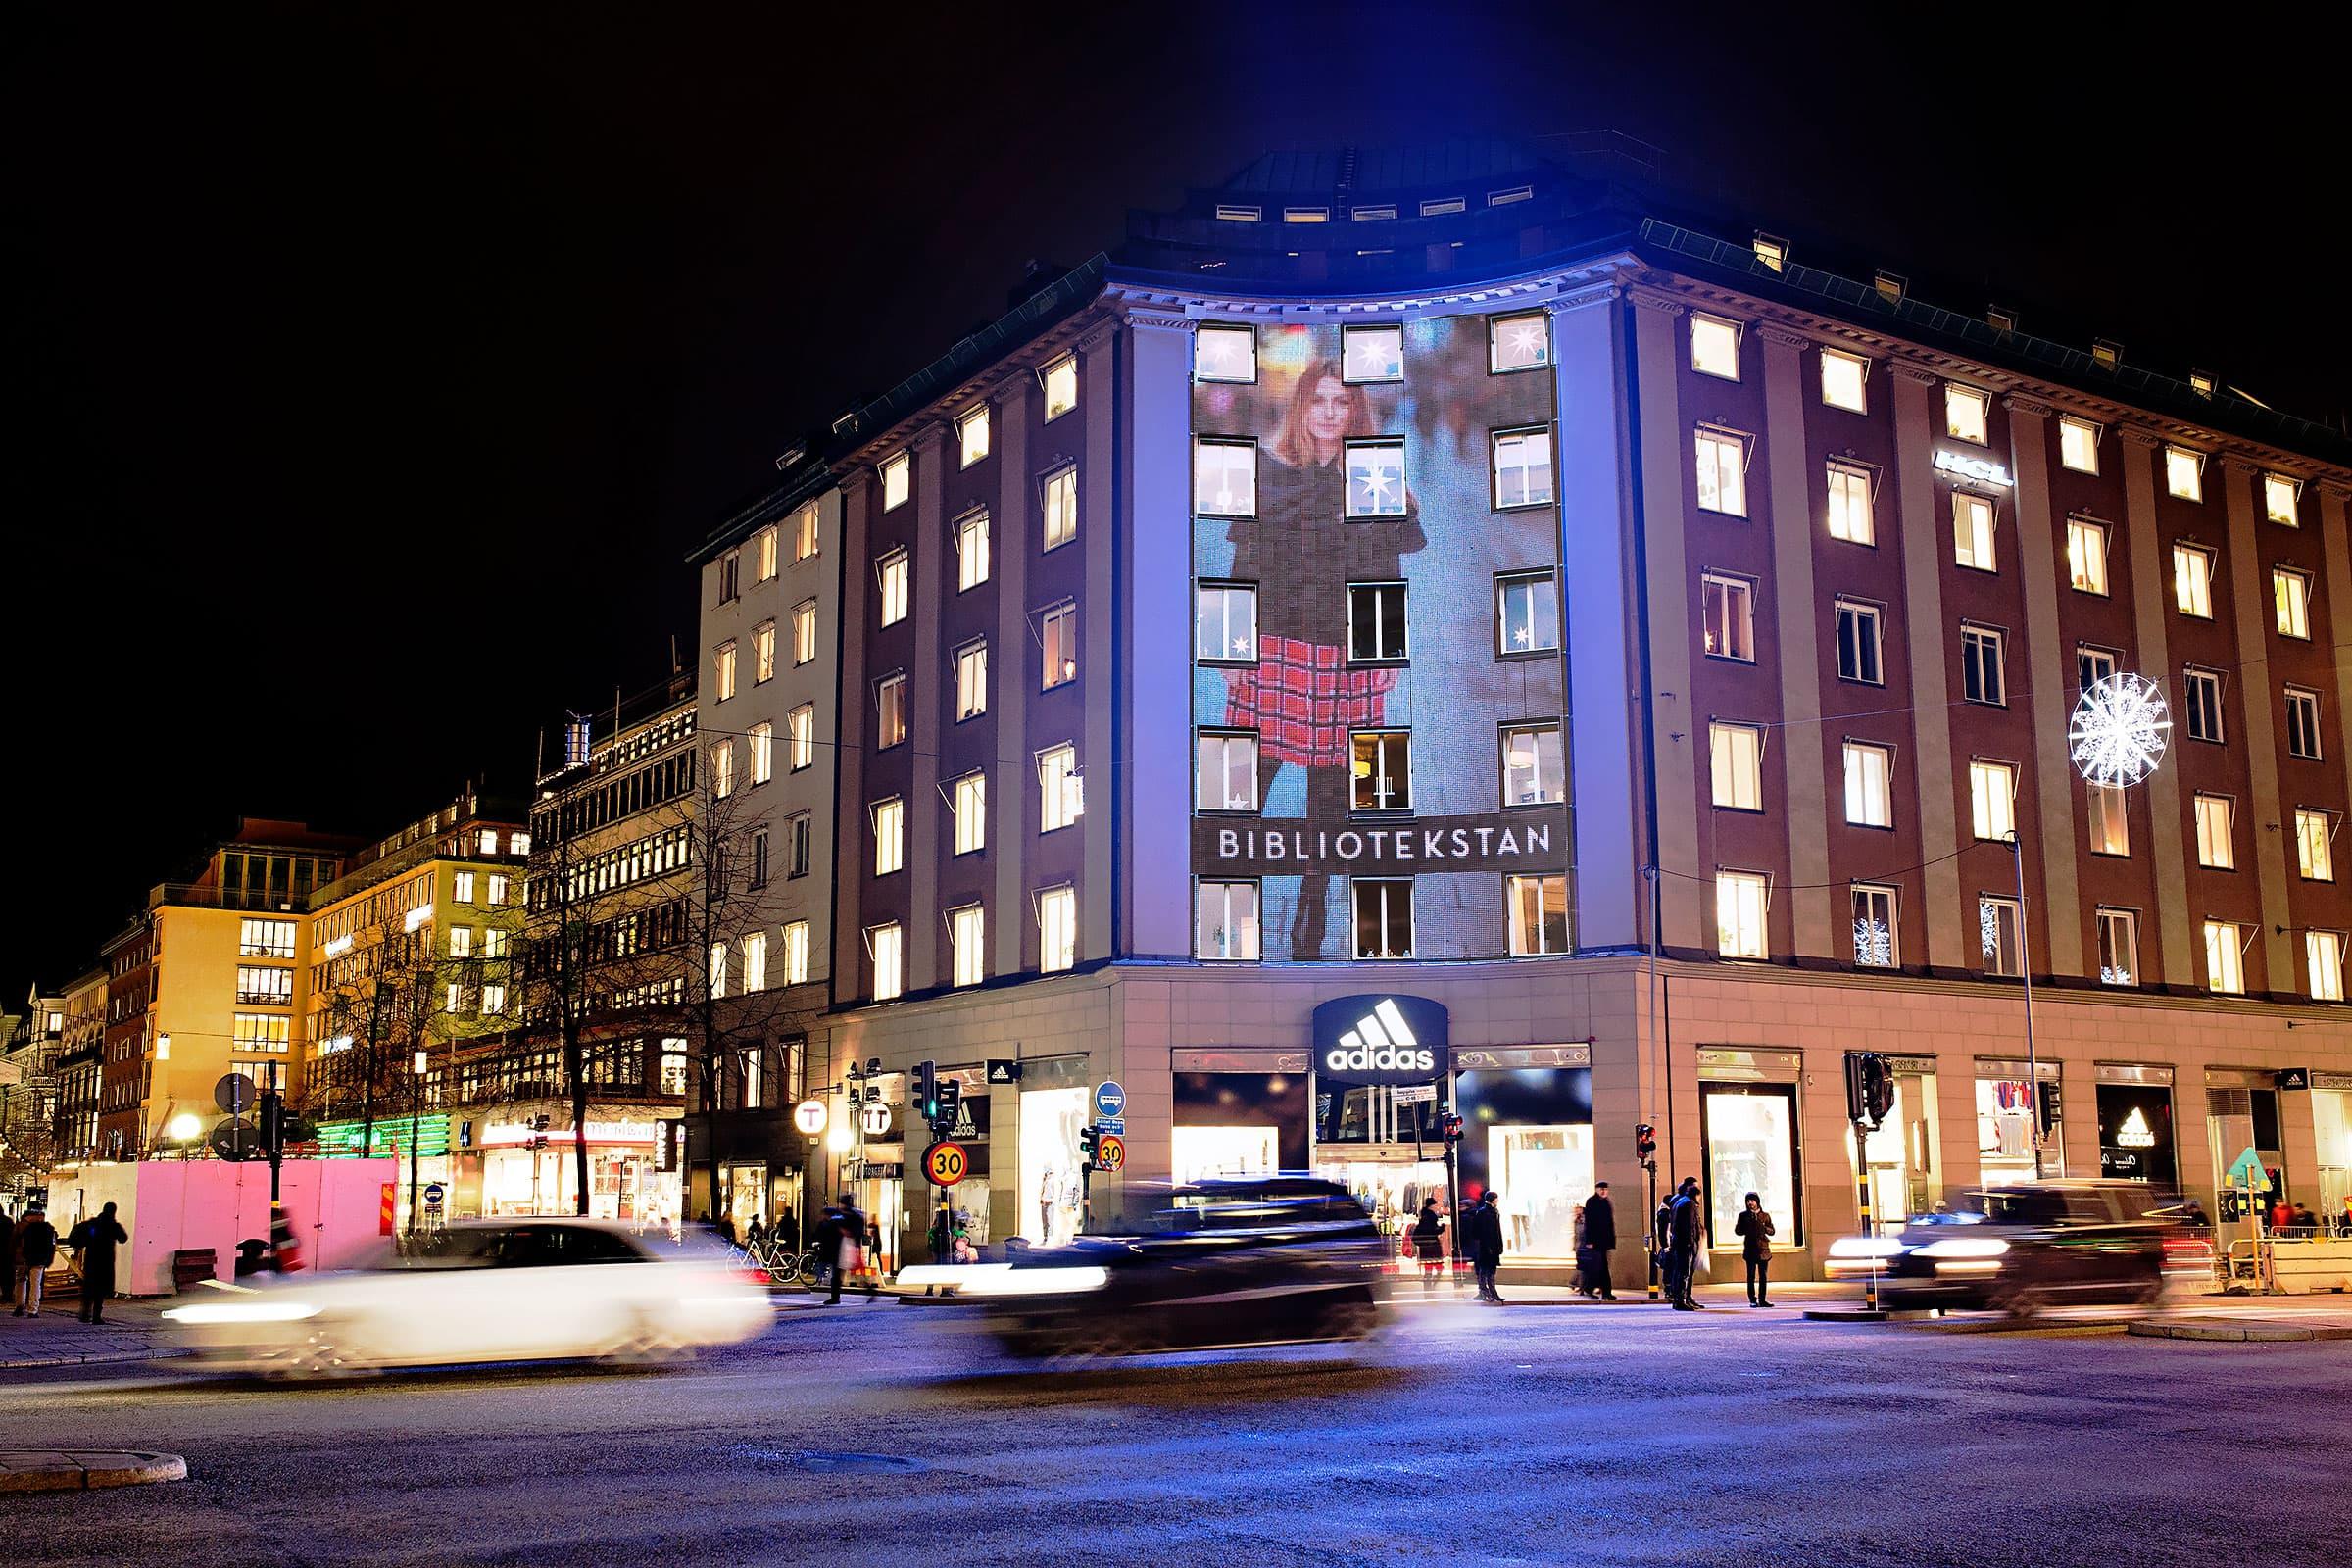 Bästa shoppingen i city – Thatsup d6e584fc02085